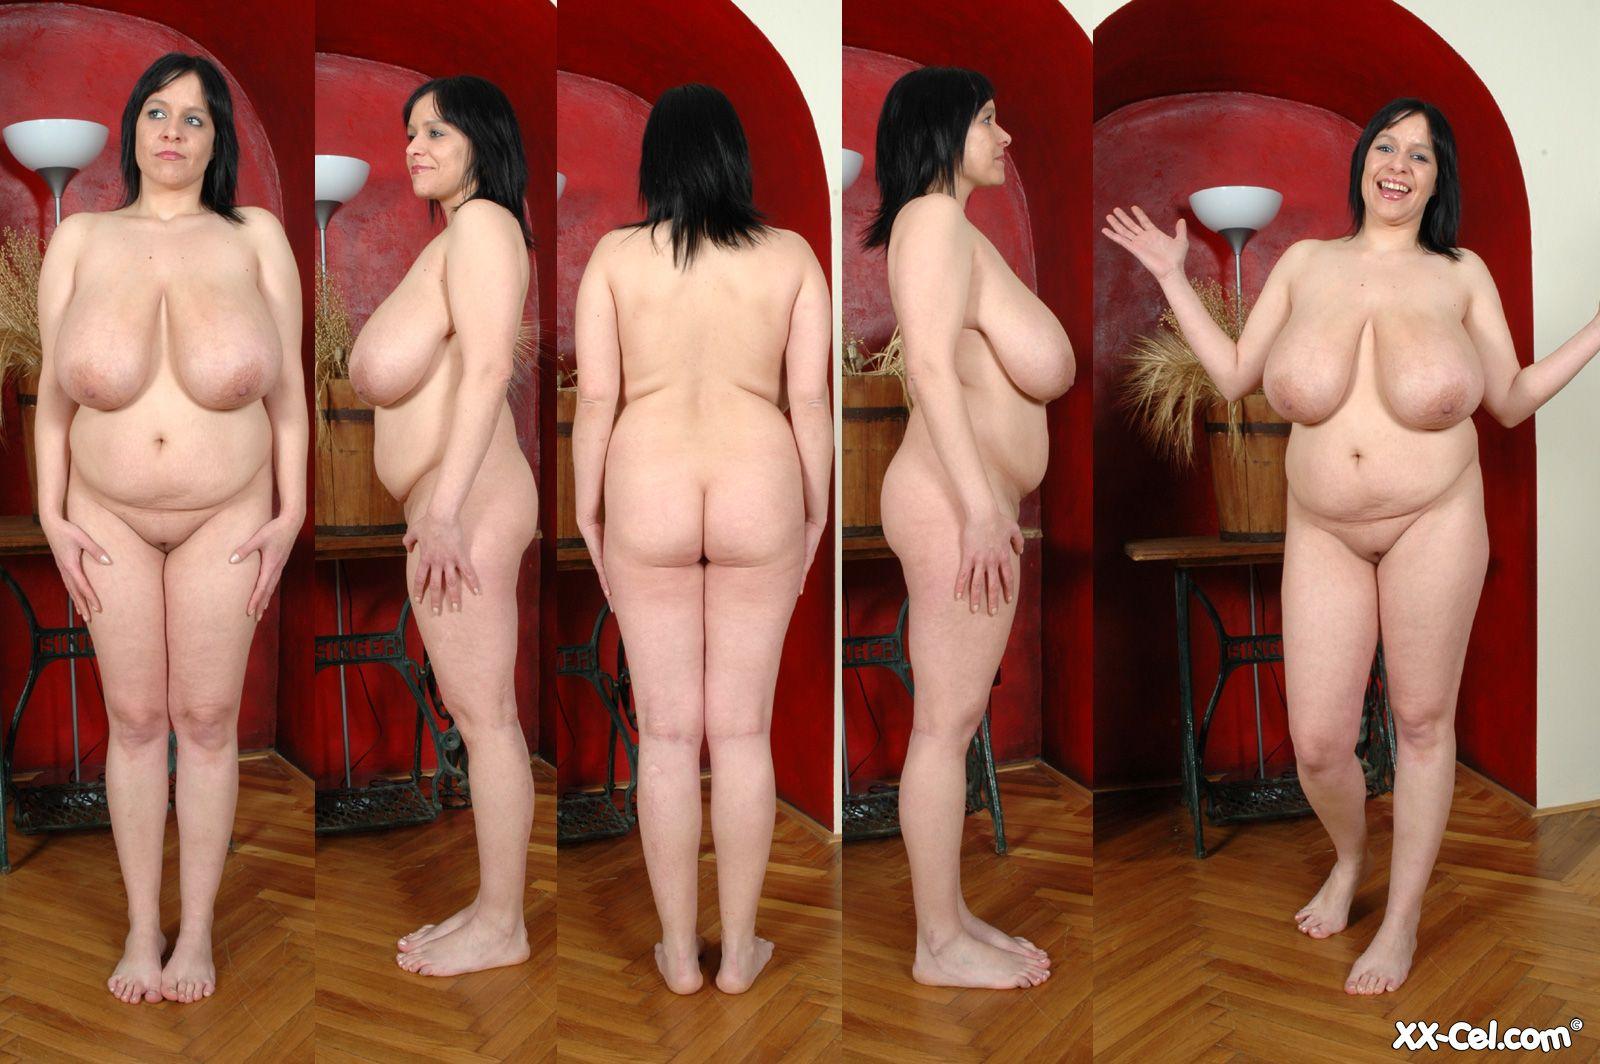 Фото полненьких голых женщин бесплатно, Порно фото с полными дамами 22 фотография